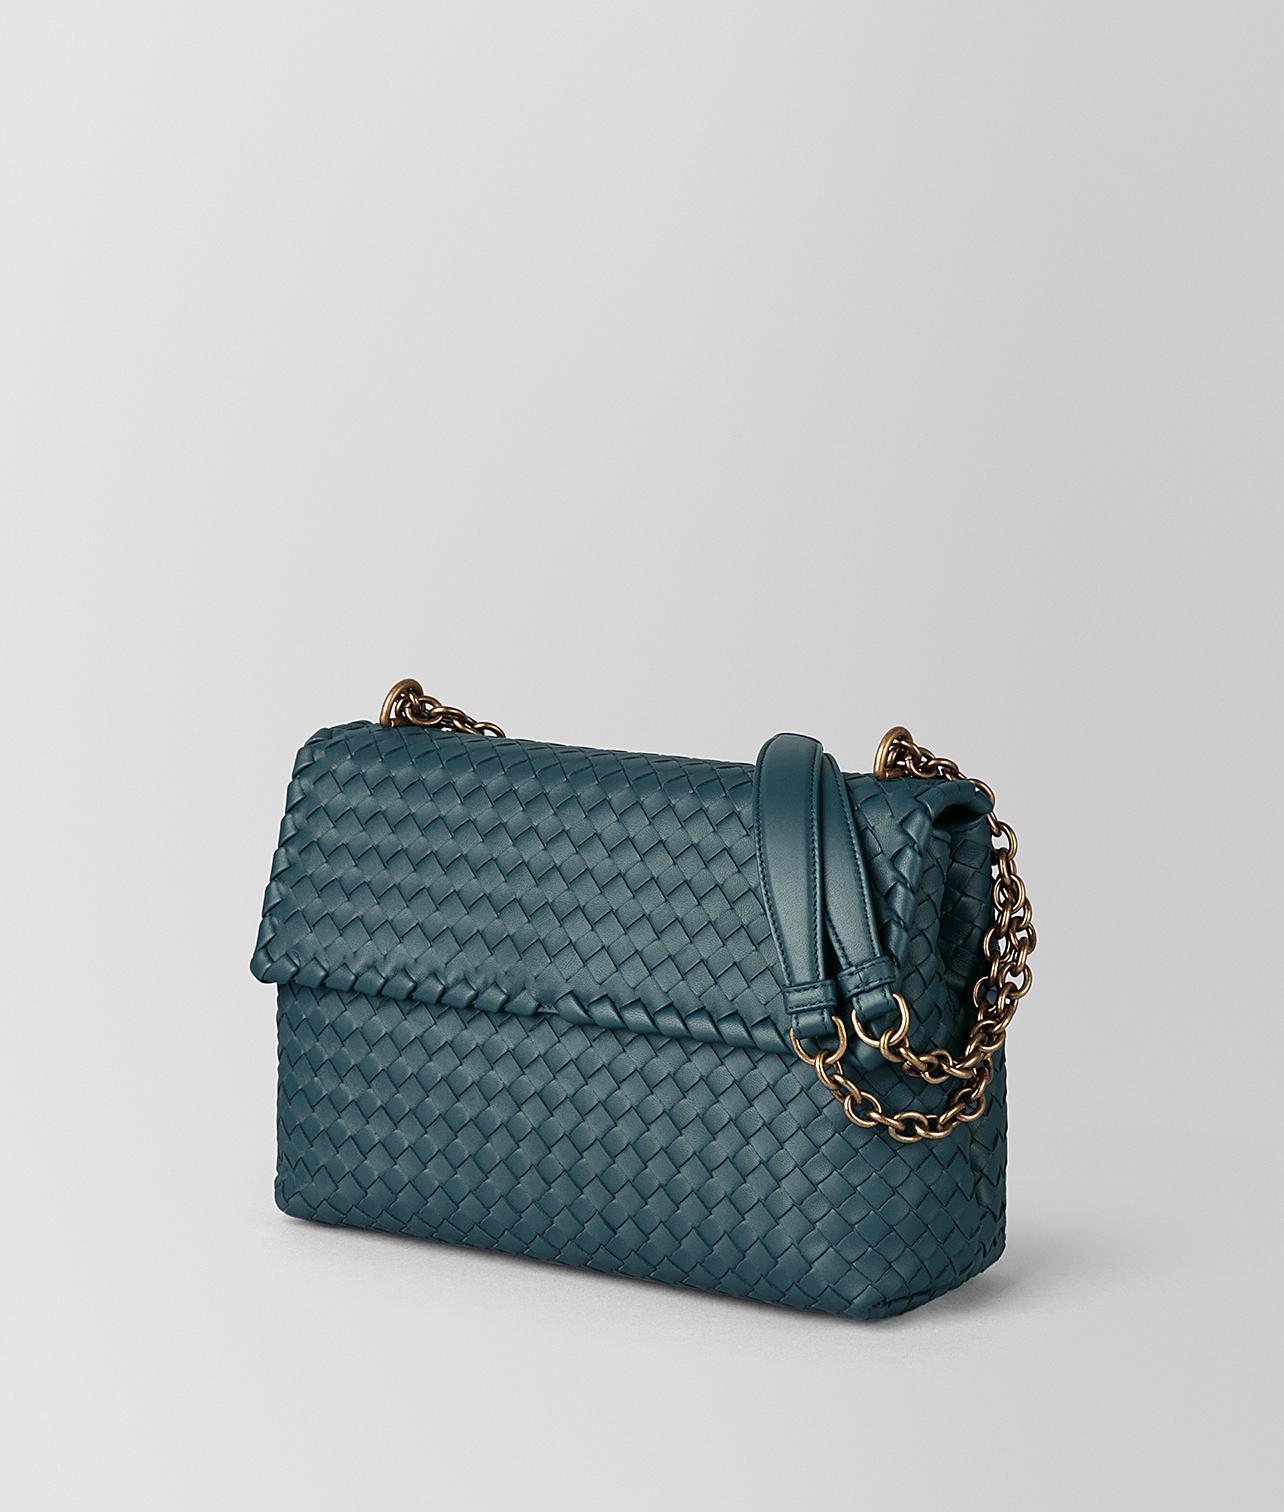 285d3663bc06 Bottega Veneta Large Olimpia Bag In Intrecciato Nappa - Lyst